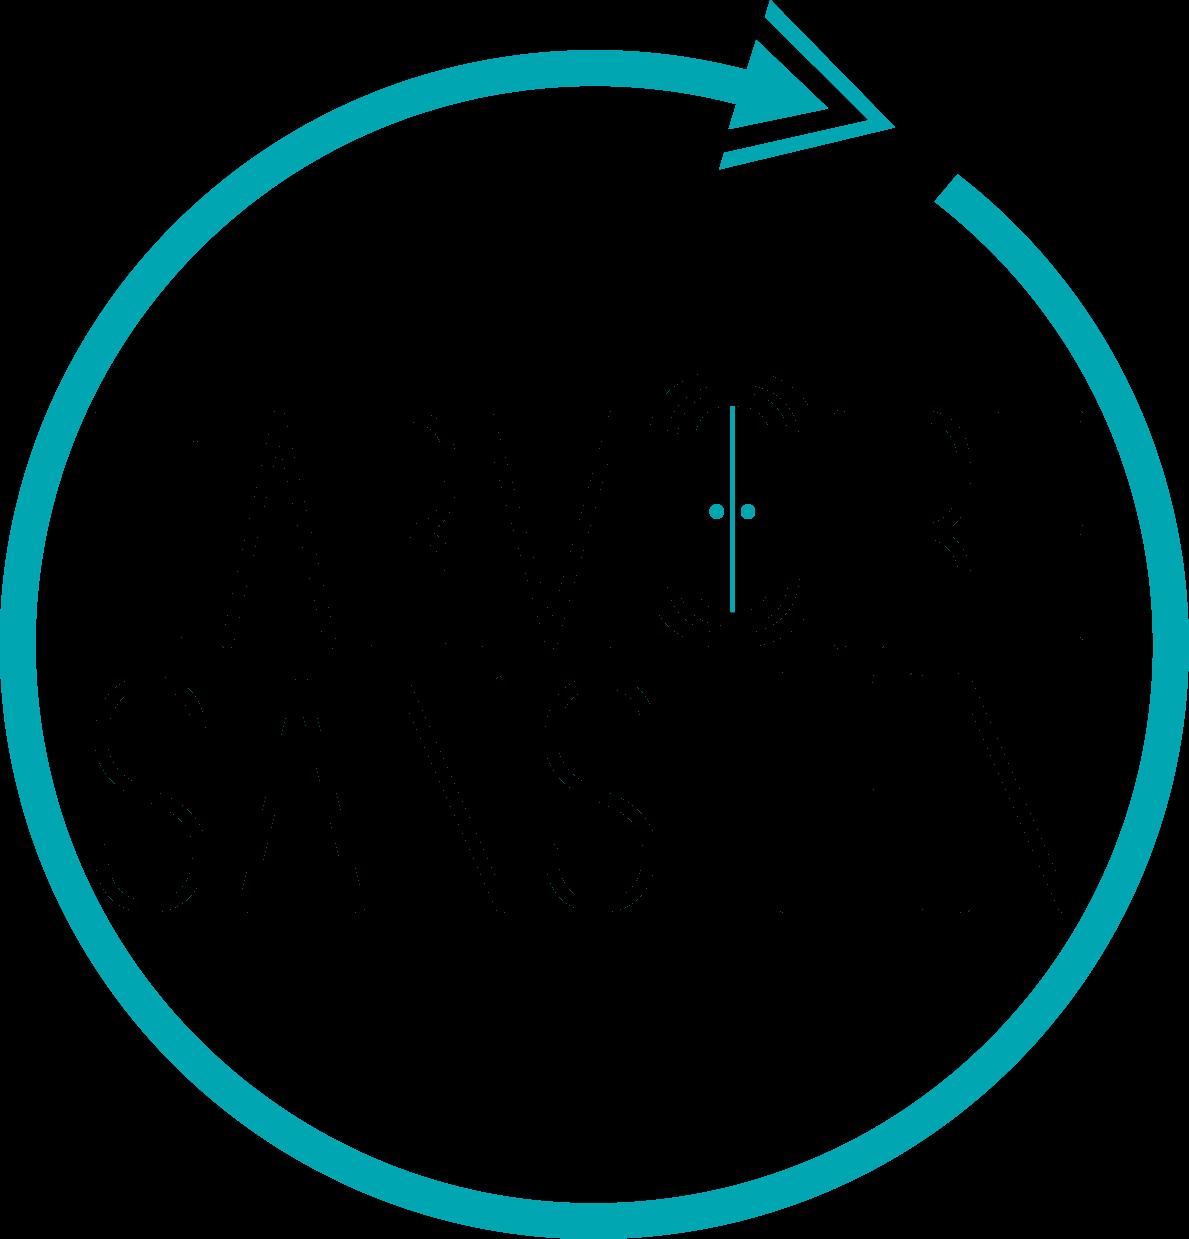 L'ARMOIRE SANS FIN – Troc & ateliers textiles ° Mode circulaire